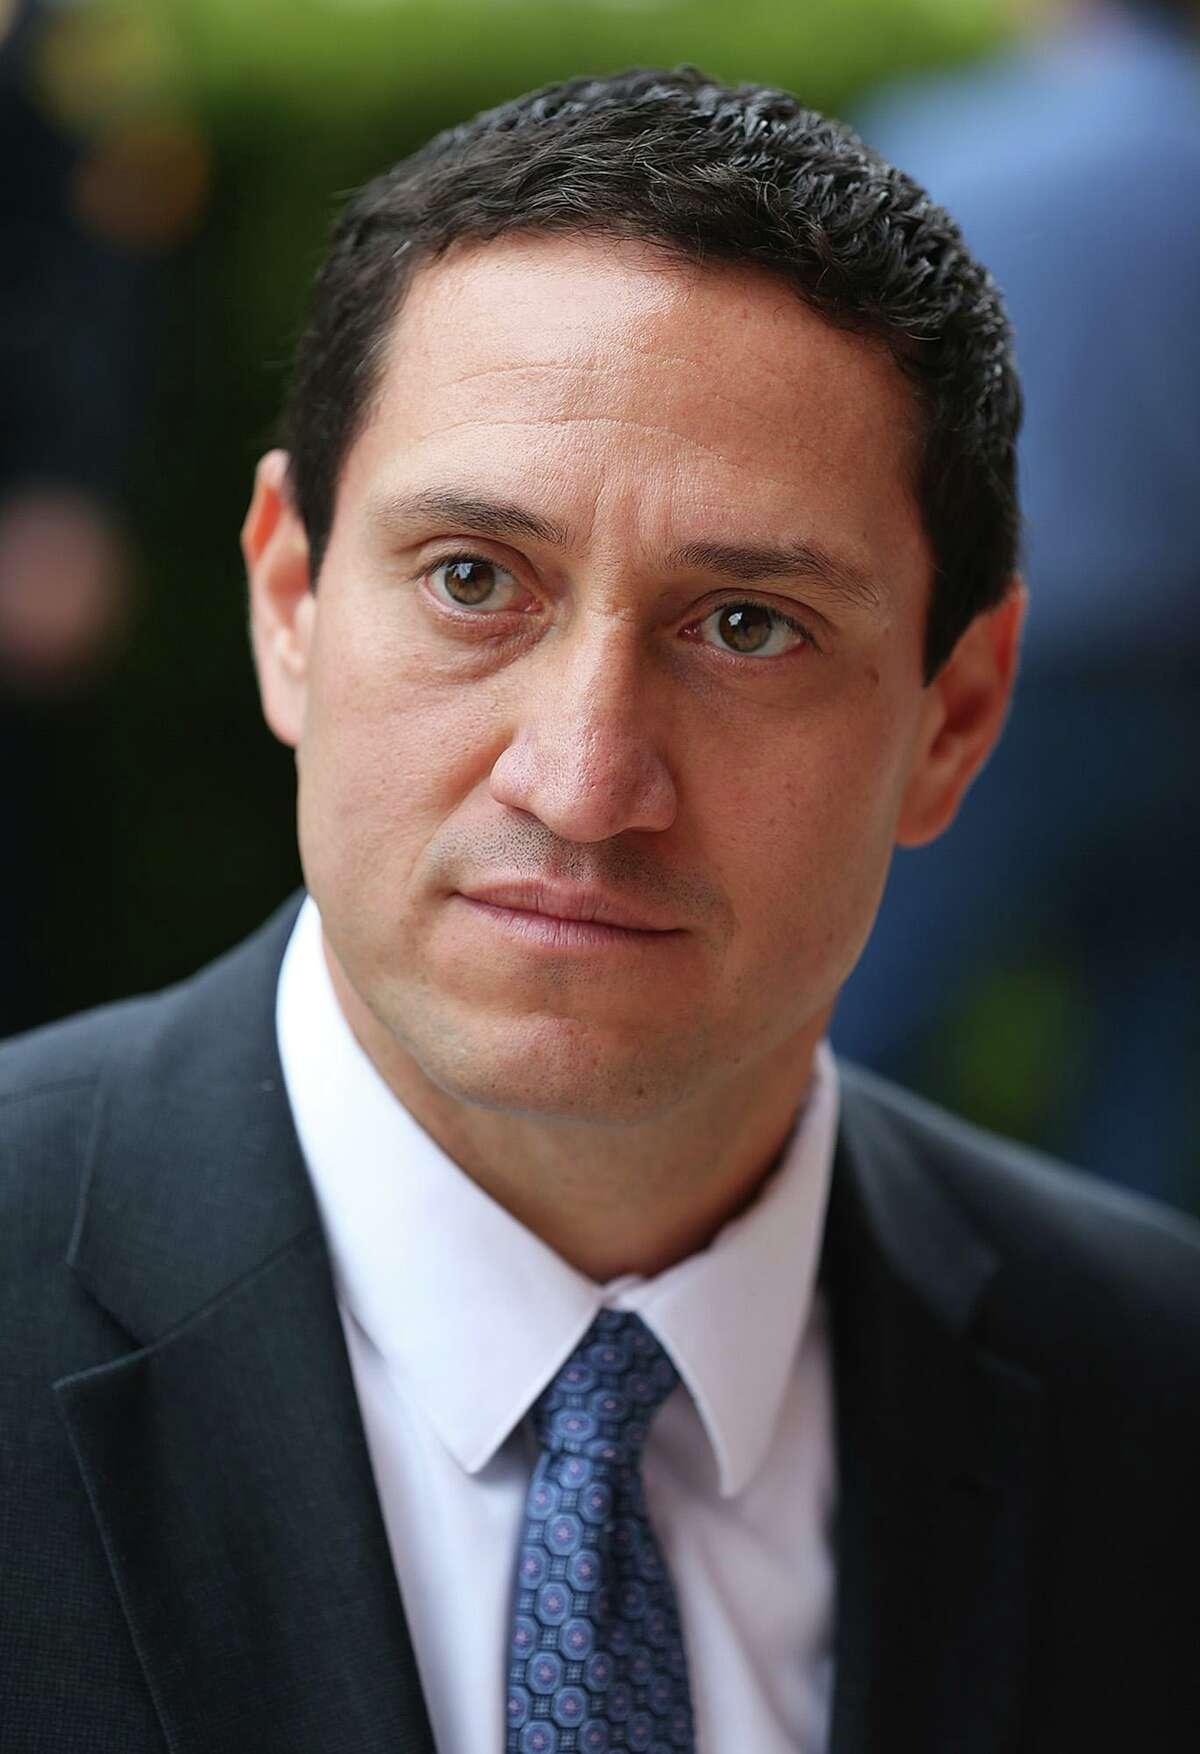 State Rep. Trey Martinez Fischer